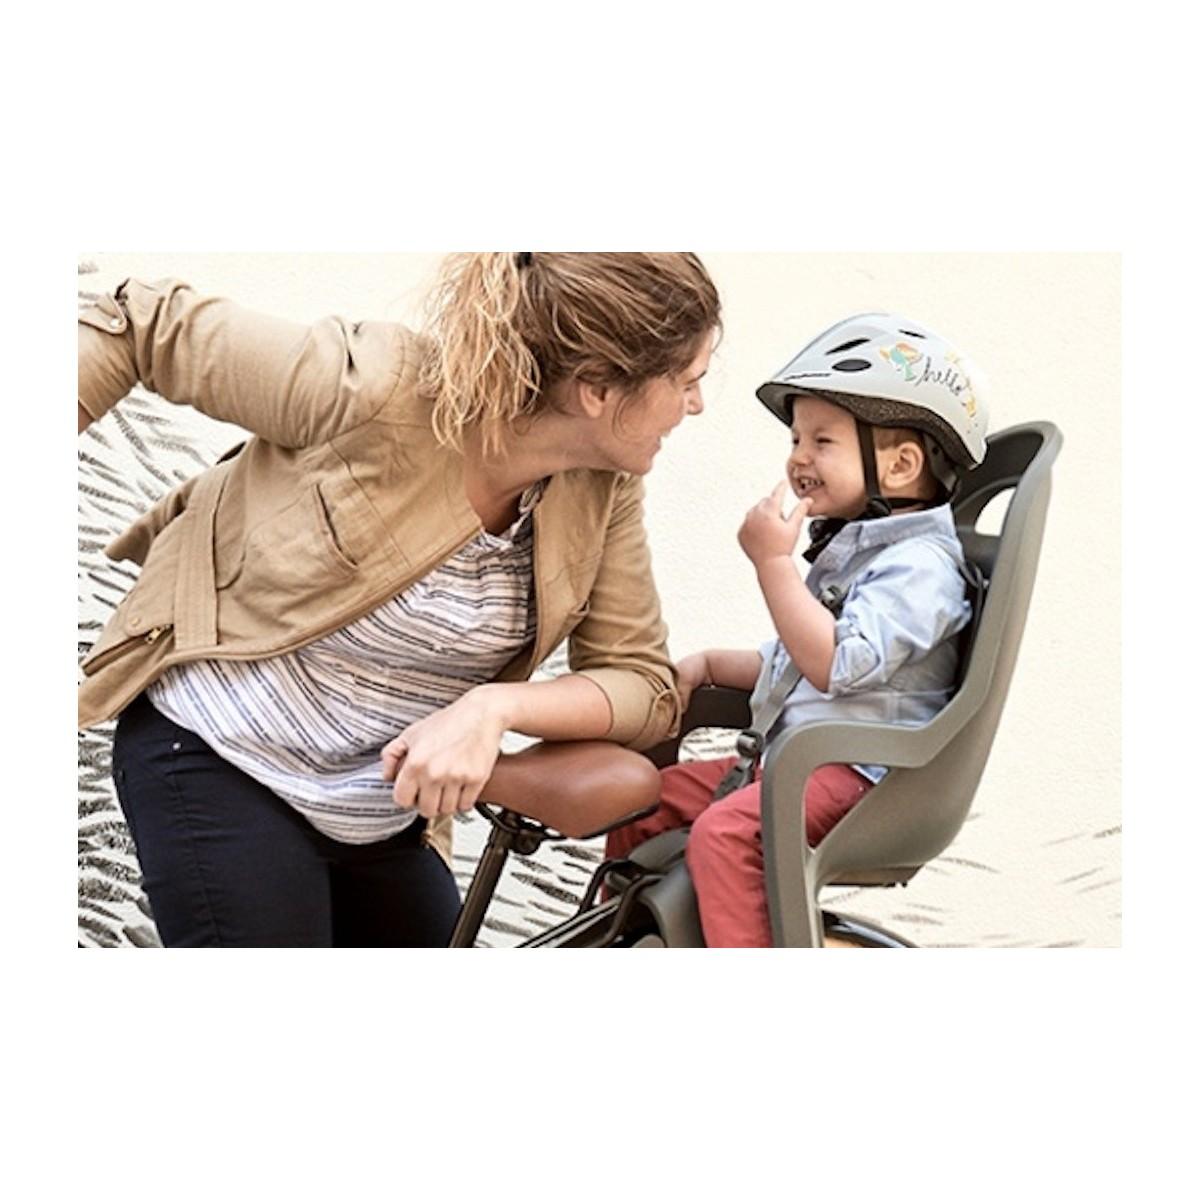 Kids bicycle helmets by Polisport